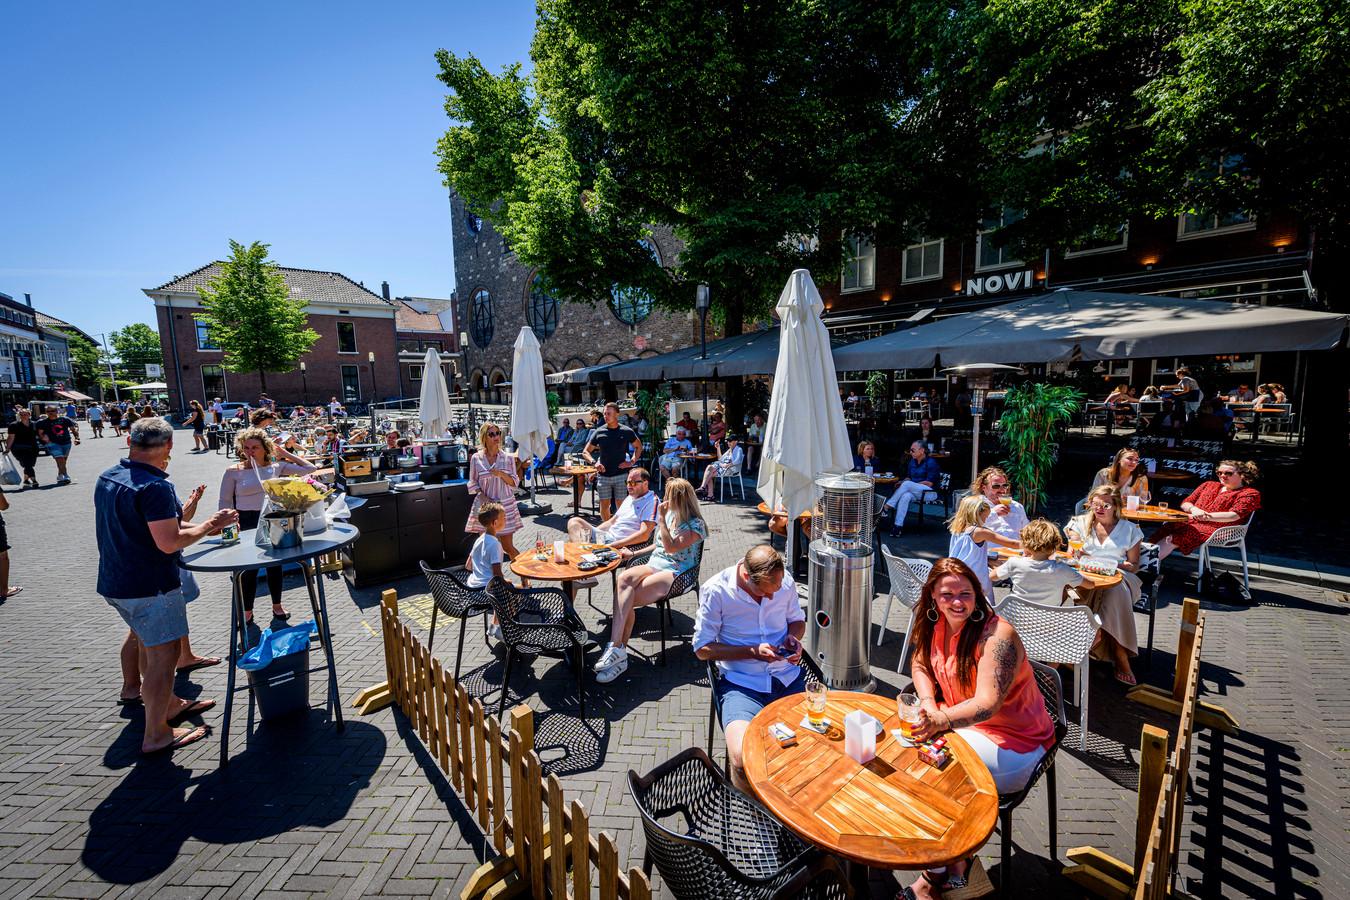 De terrassen van de cafés op de Oude Markt in Enschede zijn weer open.